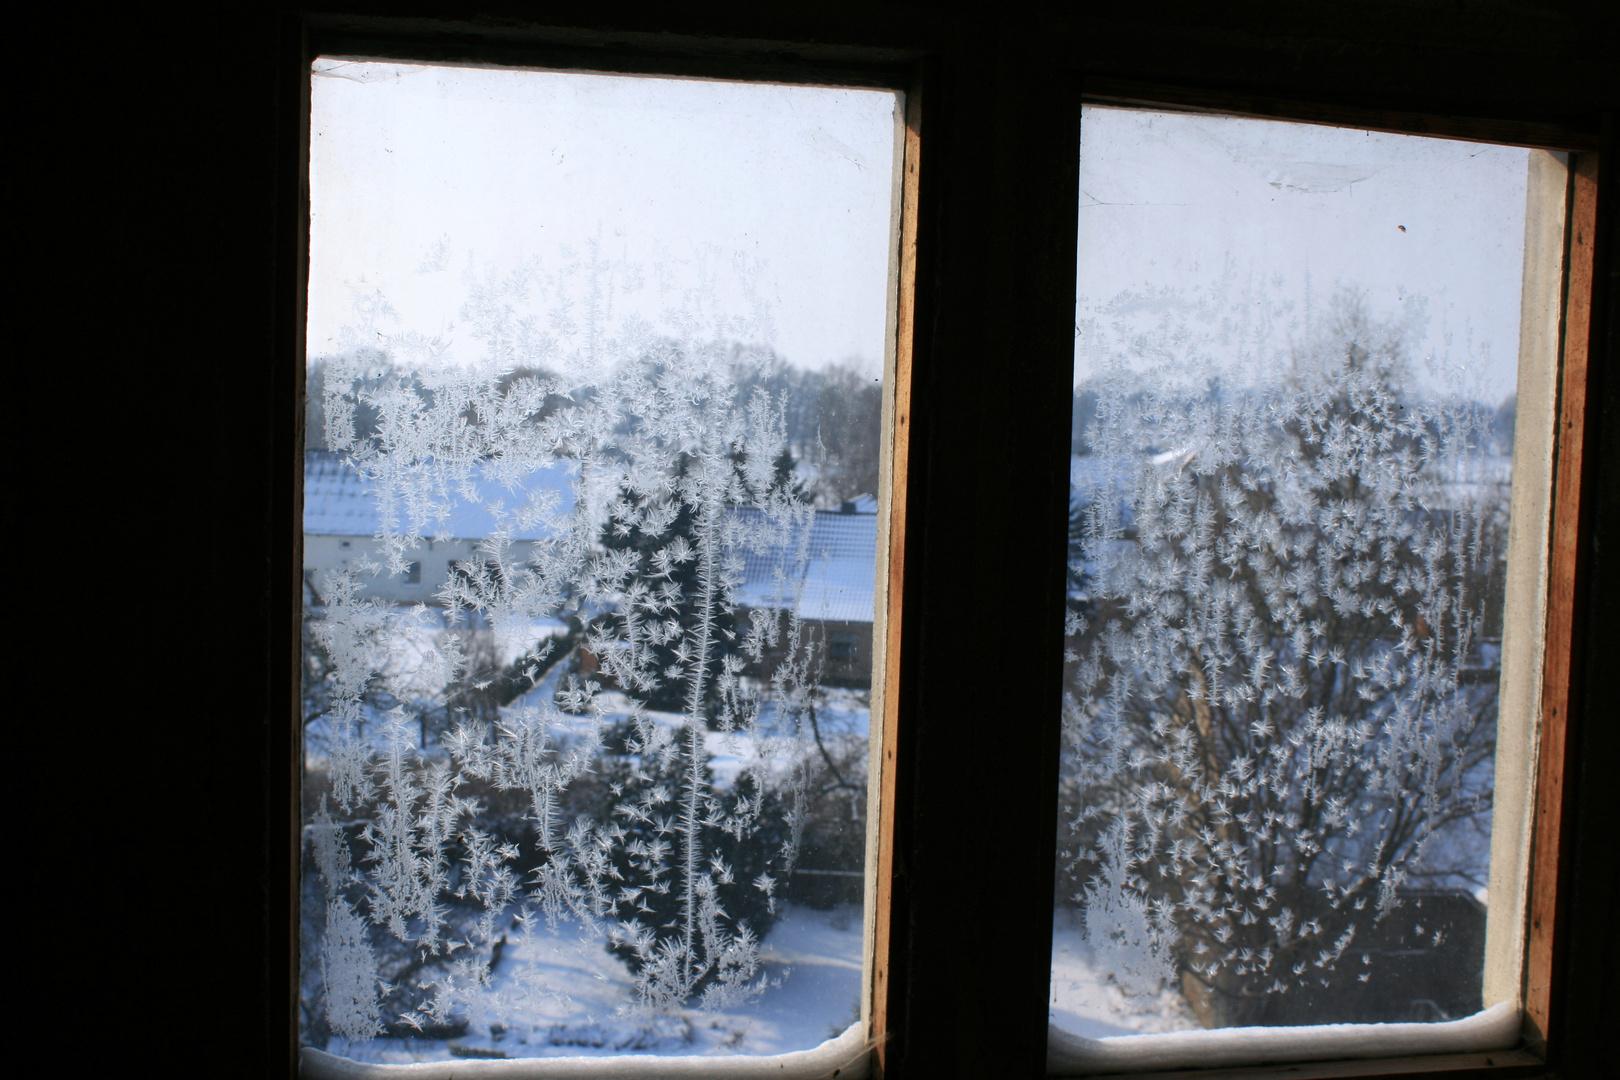 eisblumen am fenster foto bild jahreszeiten winter baruth bilder auf fotocommunity. Black Bedroom Furniture Sets. Home Design Ideas